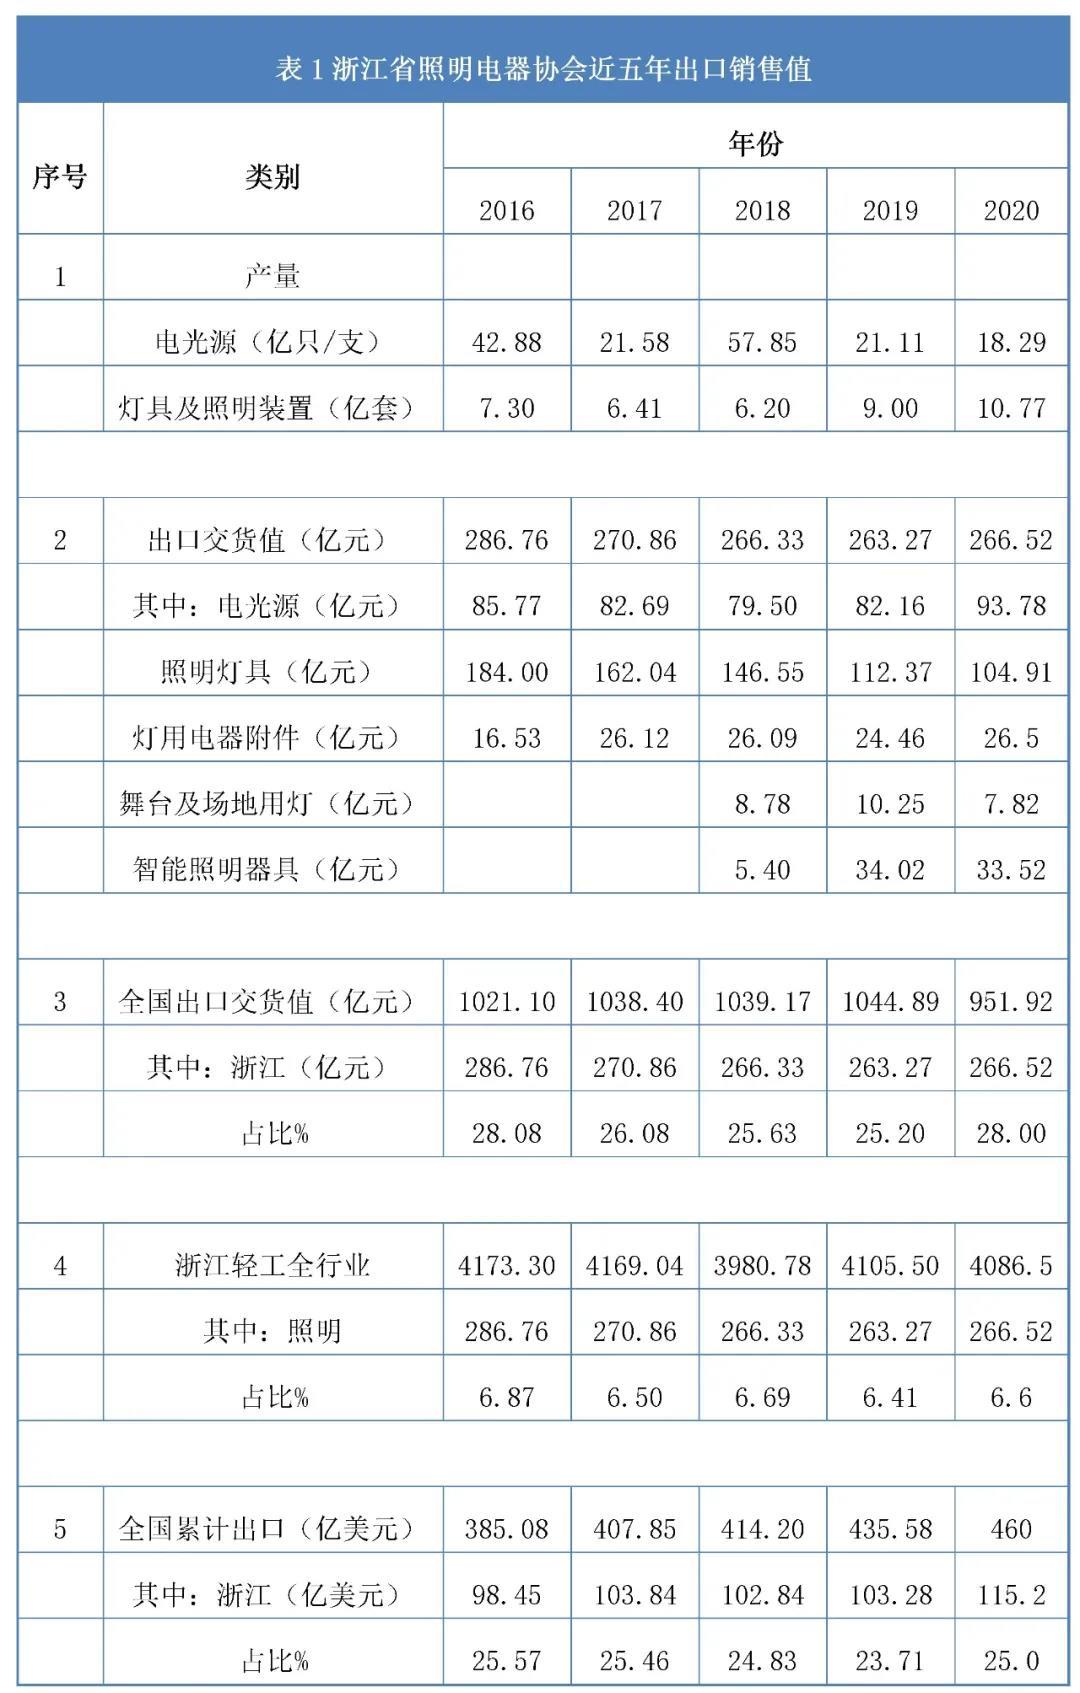 浙江省照明电器协会近五年出口销售值数据